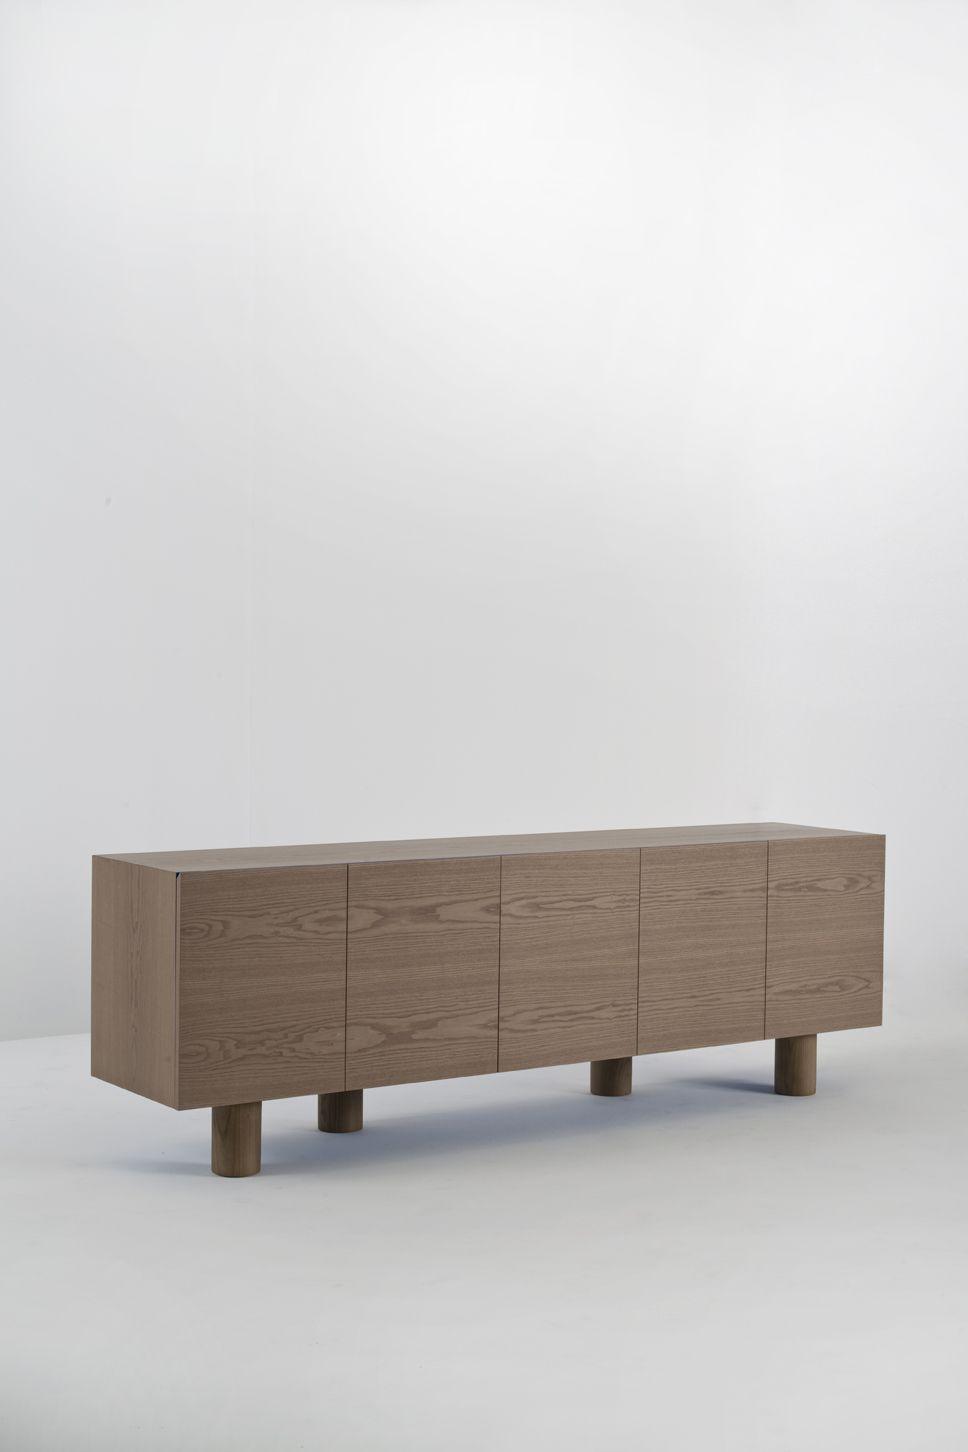 Ottoman box, Colé, Soggiorni, Mobili, prodotti e-interiors ...